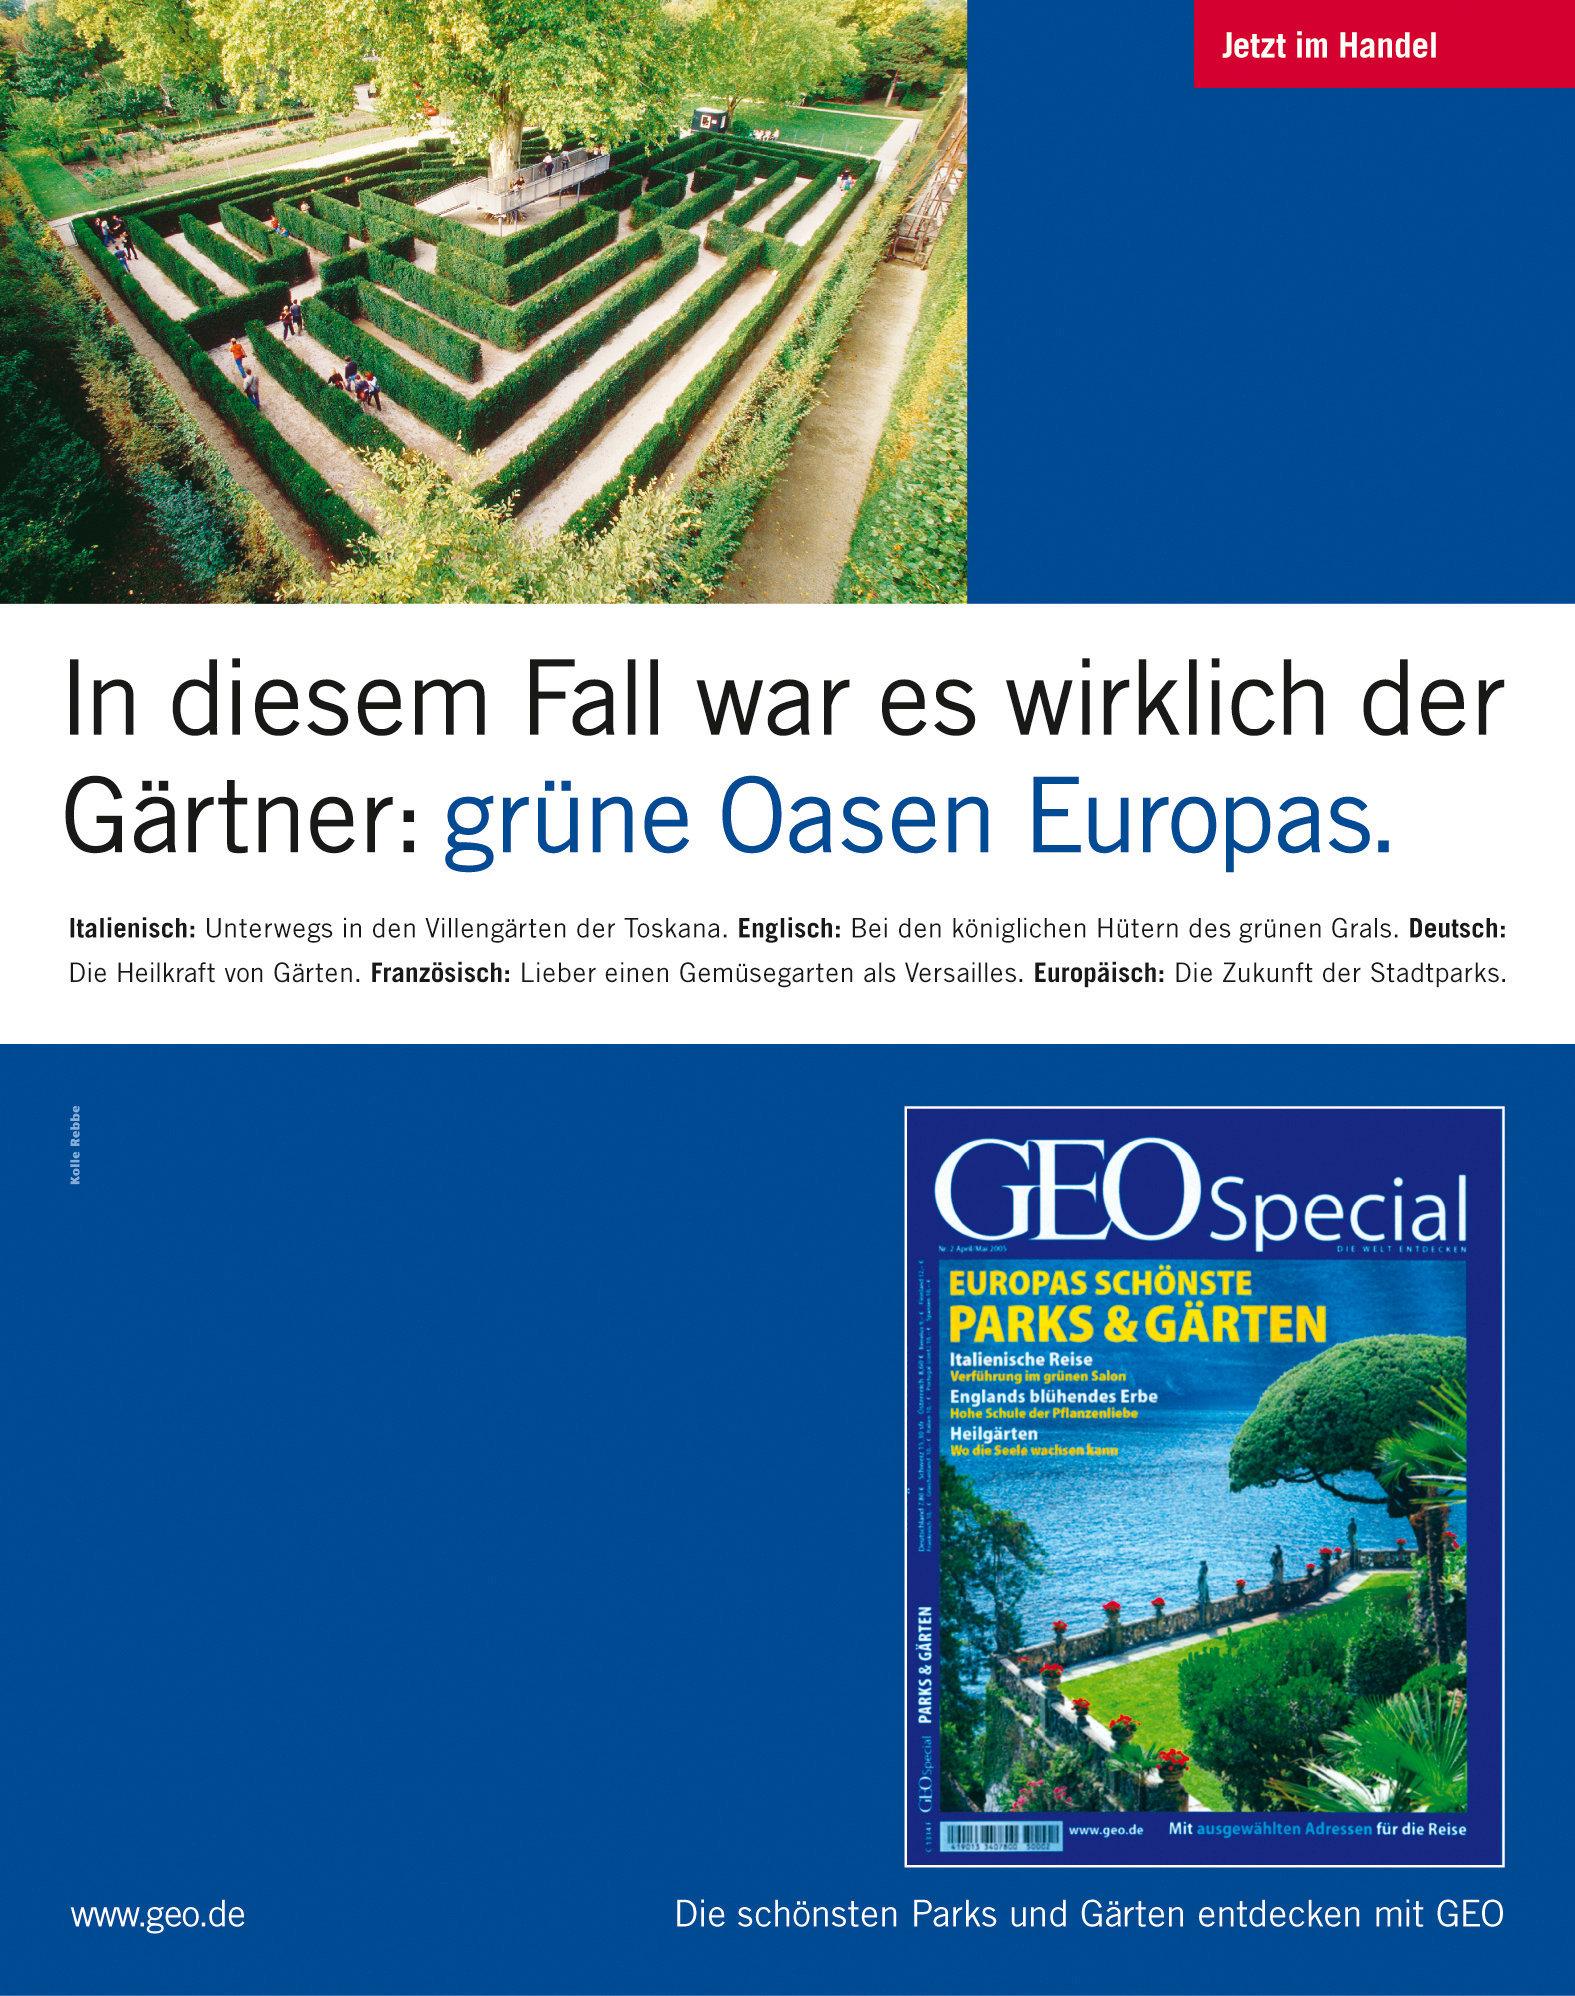 GEO Gärten Europas_RGB.jpg